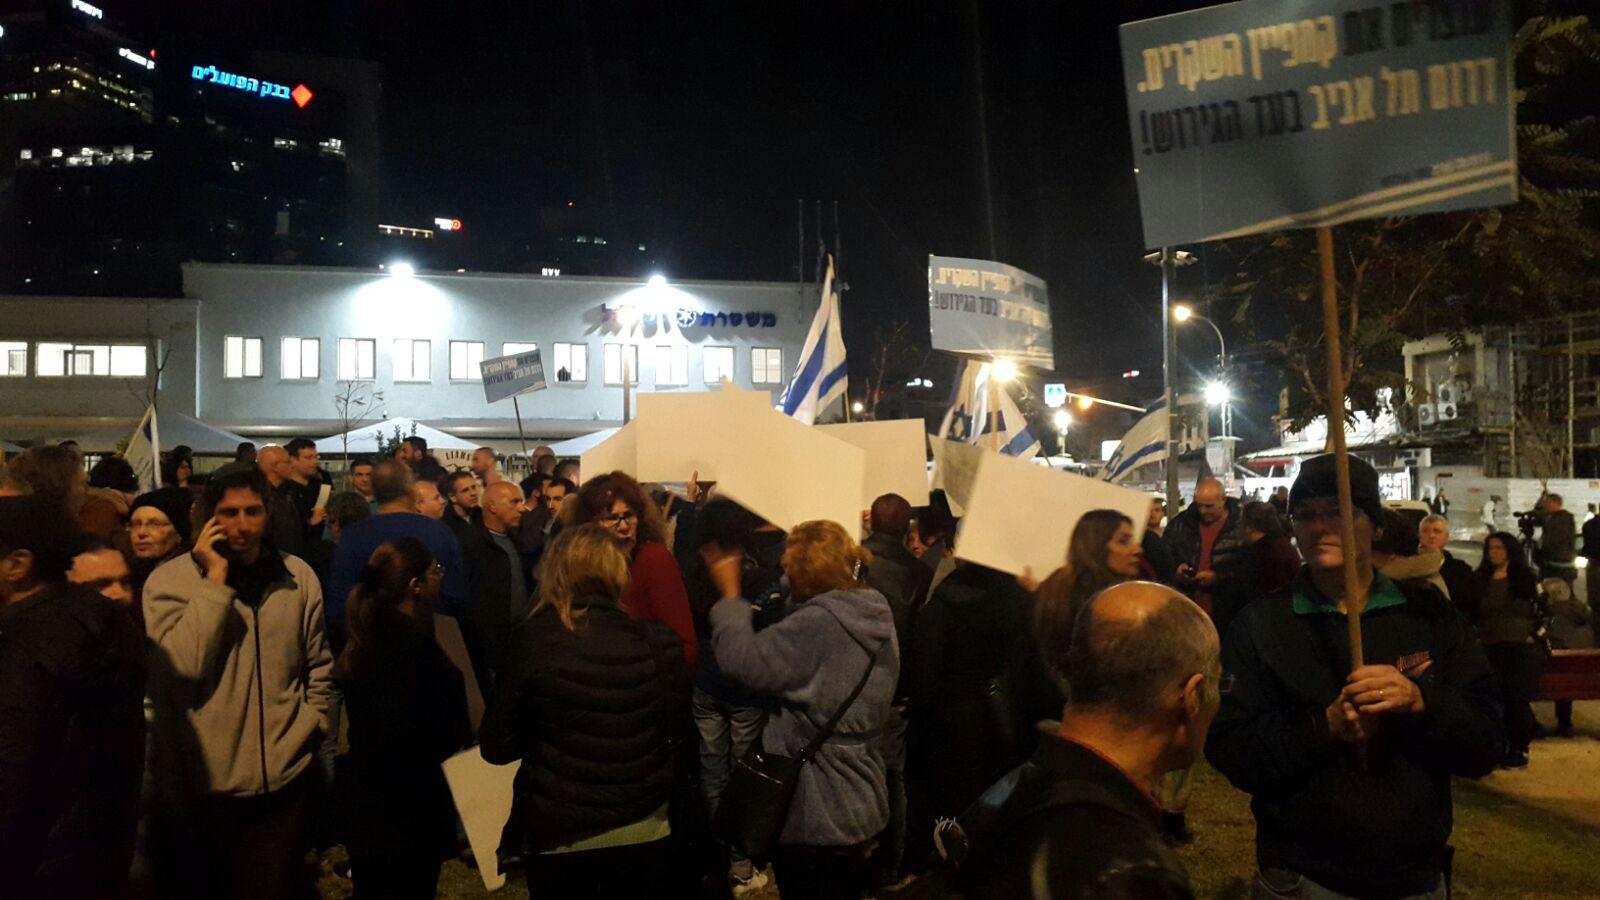 """Photo of הפגנה נגד המסתננים בת""""א: המשטרה עצרה גולשים שאיימו להגיע חמושים בפוסטים ברשת. מאות מפגינים בשעה זו"""